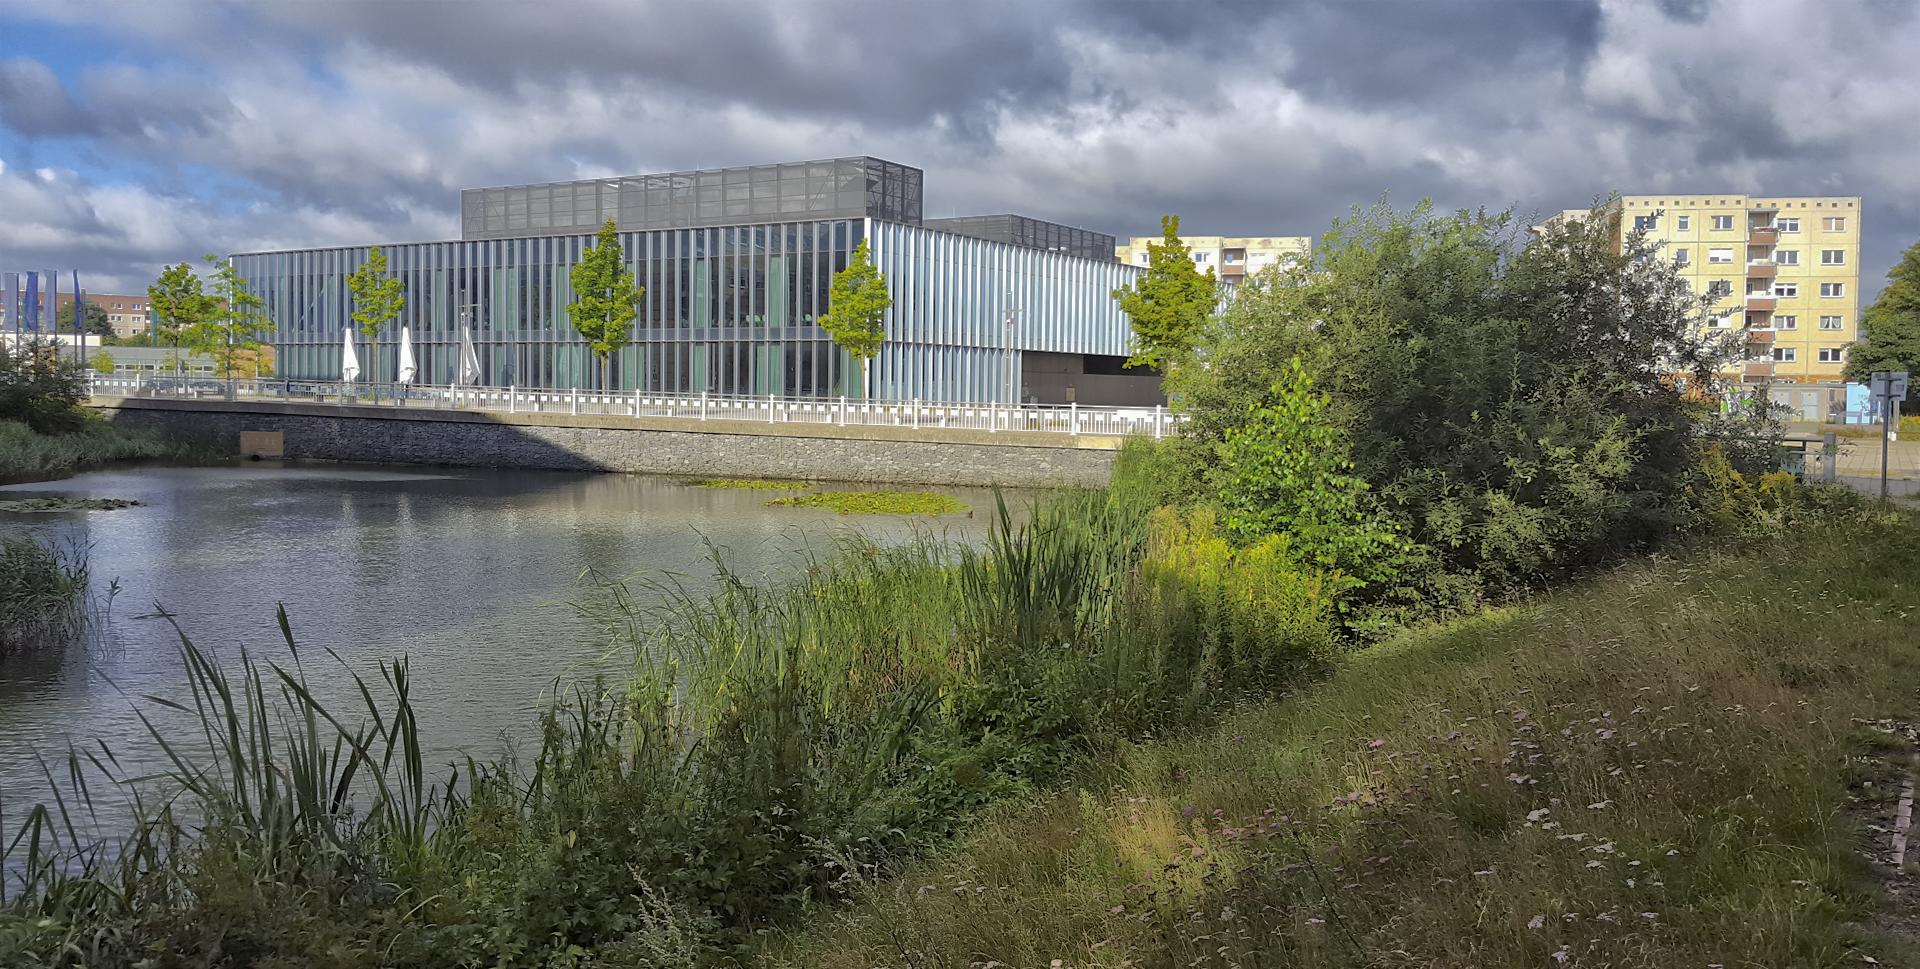 Klinikum und Mensa am Berthold-Beitz-Platz in Greifswald